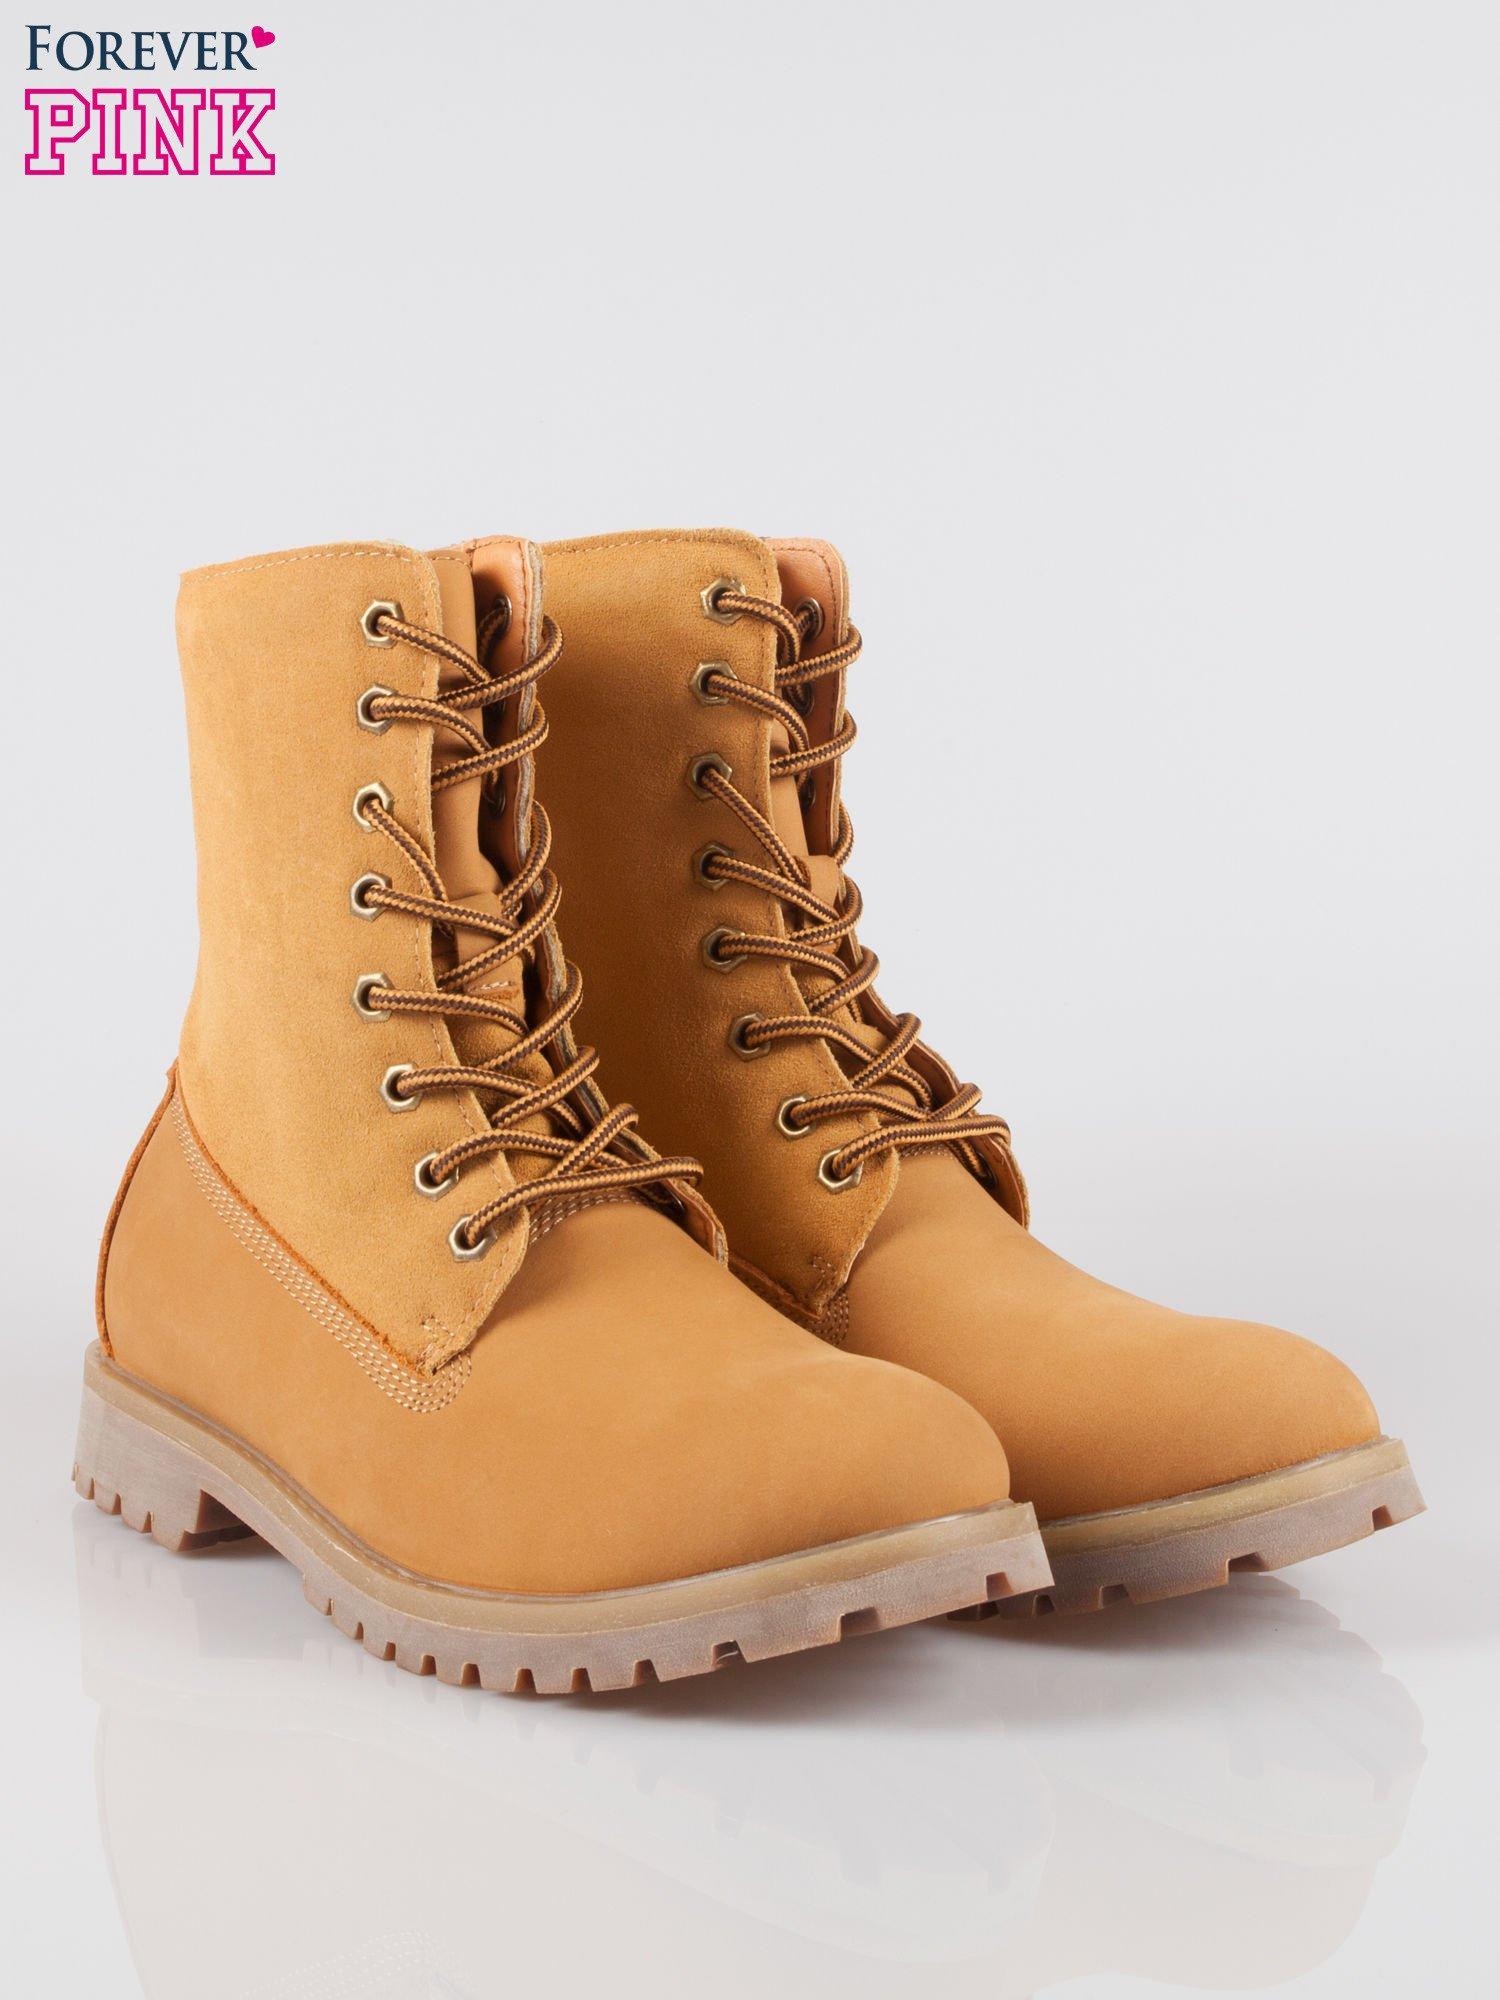 Camelowe wysokie buty trekkingowe traperki damskie ze skóry naturalnej                                  zdj.                                  2